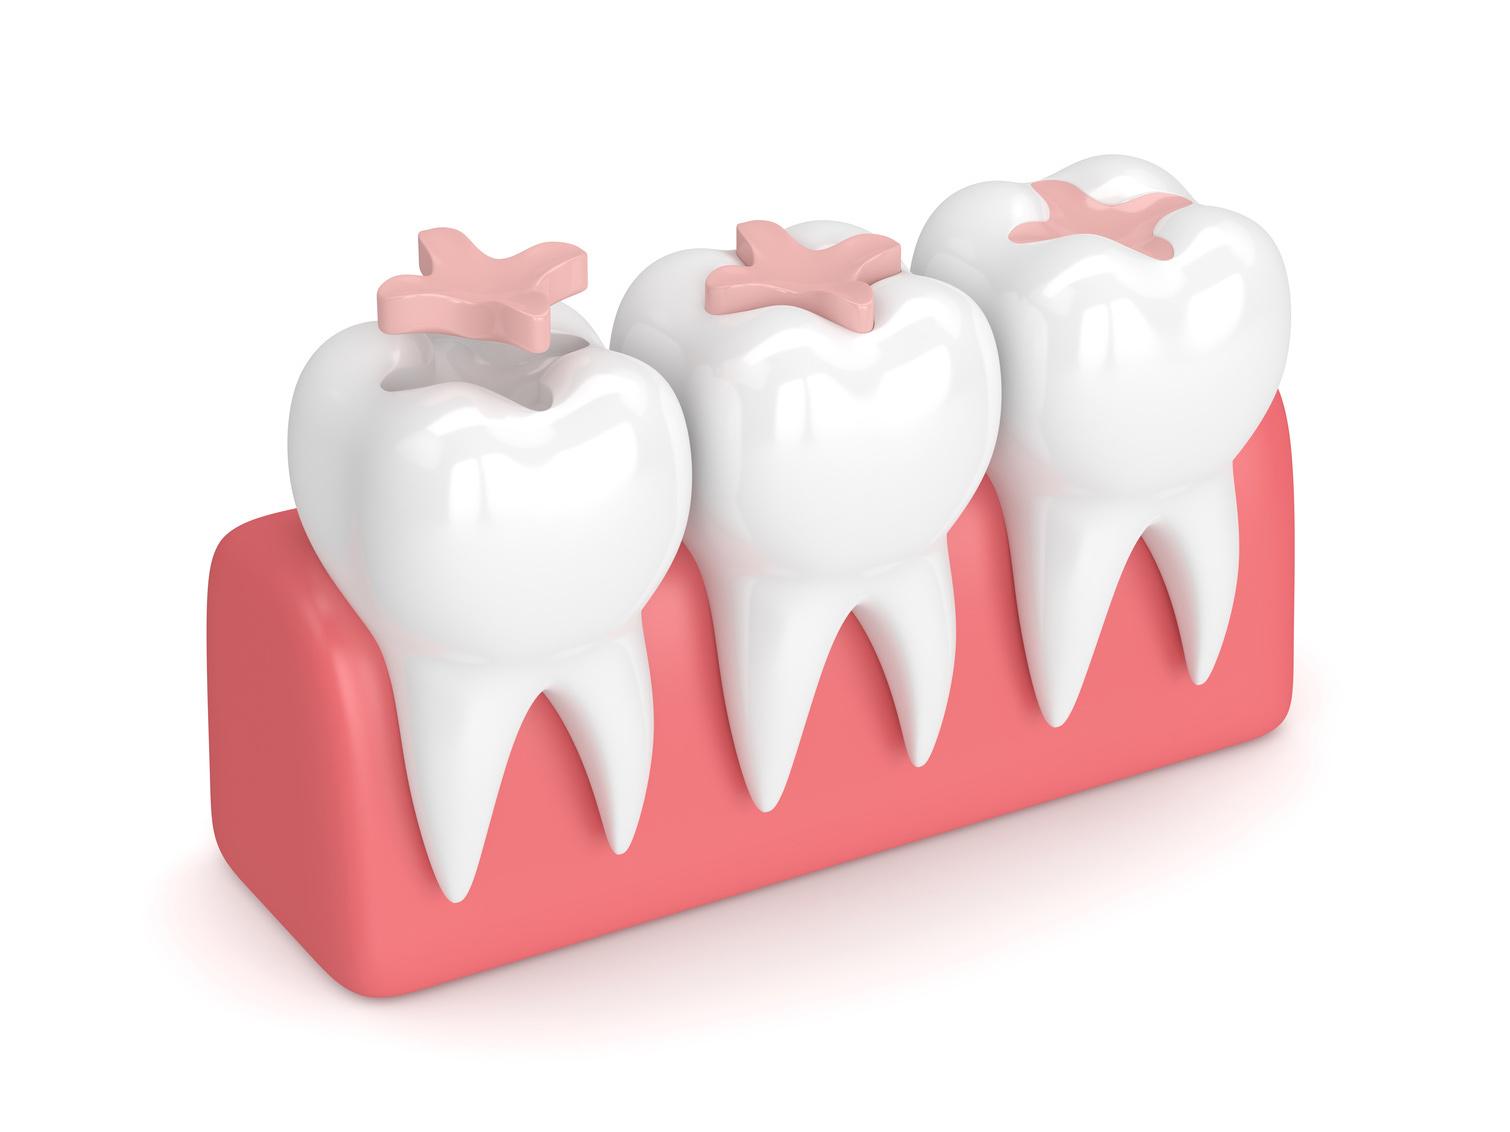 Biss und Kaufunktion sollen wiederhergestellt und verlorengegangene Zahnsubstanz wieder aufgebaut werden.